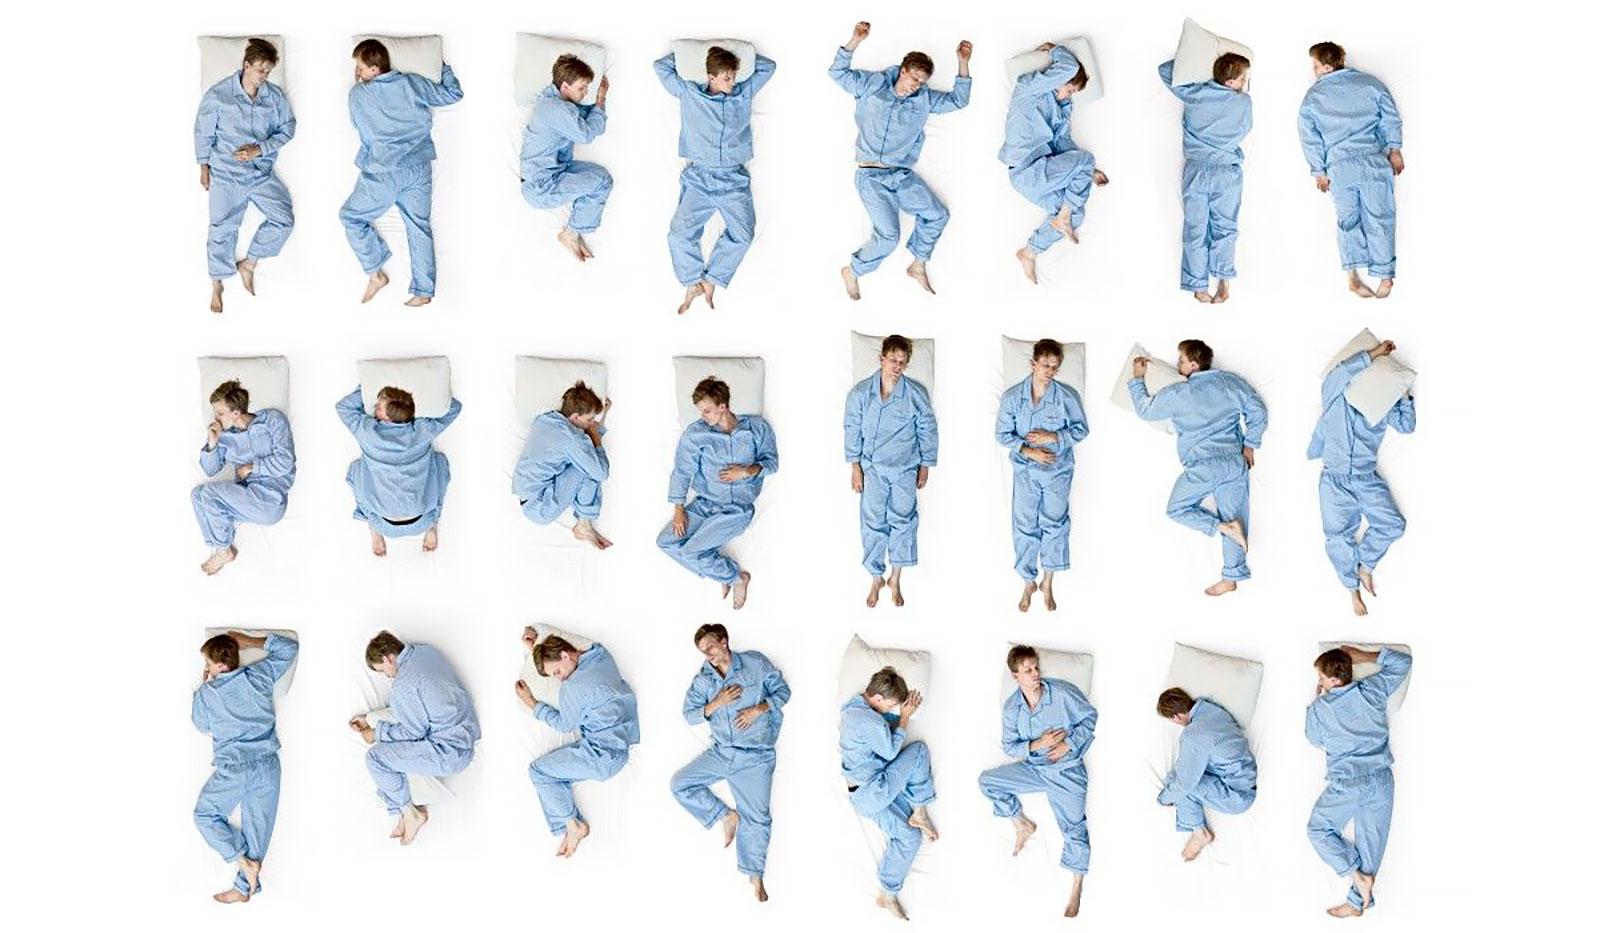 ¿Cómo dormir bien? – Las mejores posturas y trucos